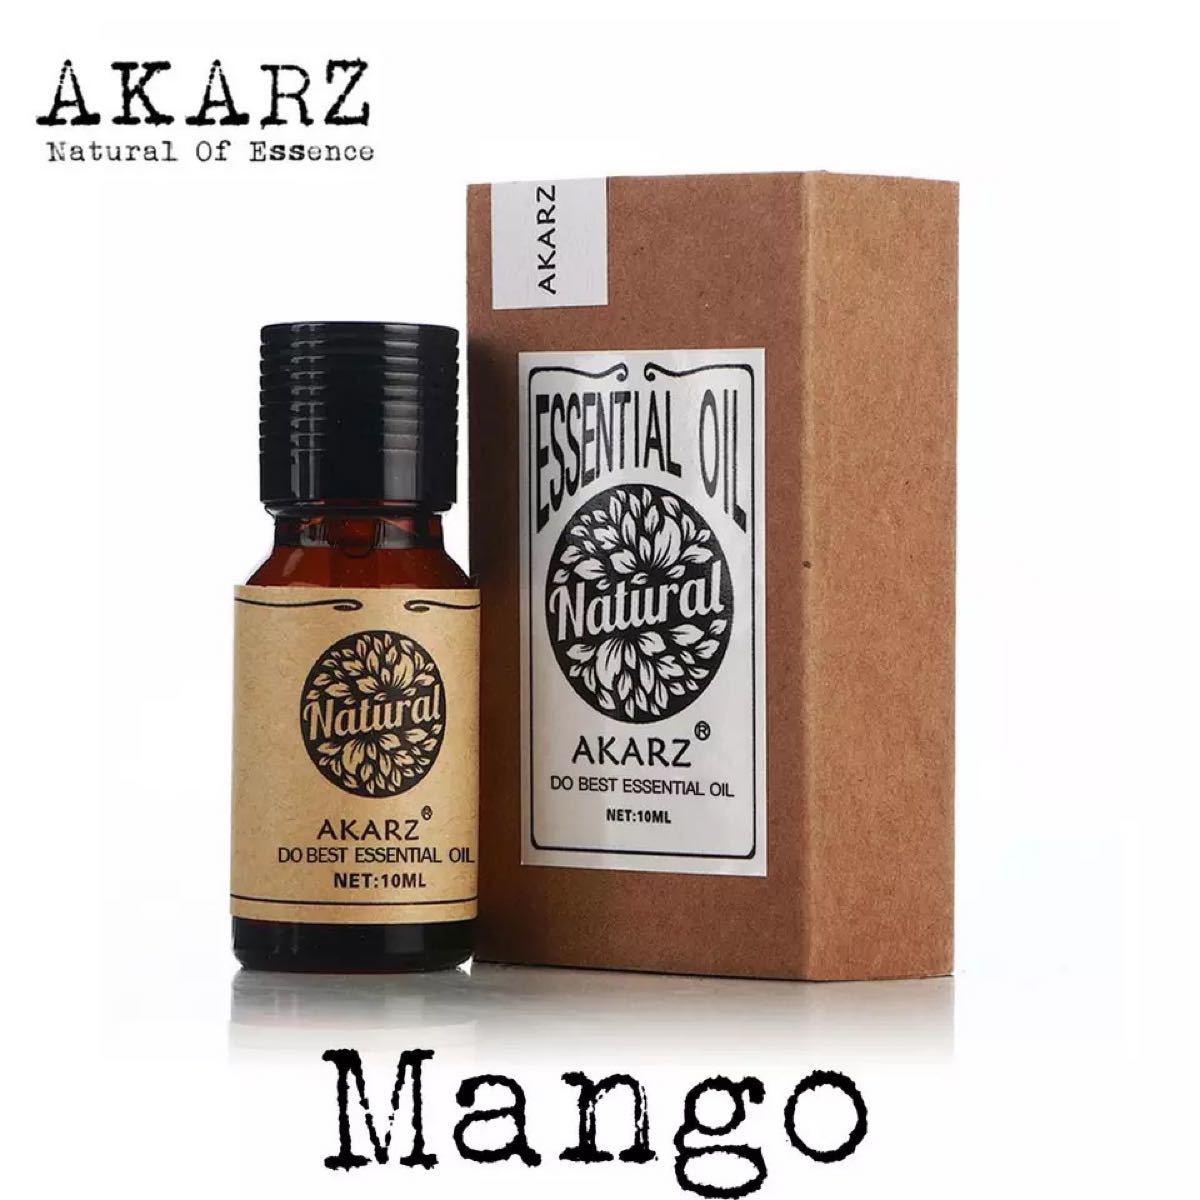 マンゴー 10ml 精油 アロマオイル エッセンシャルオイル